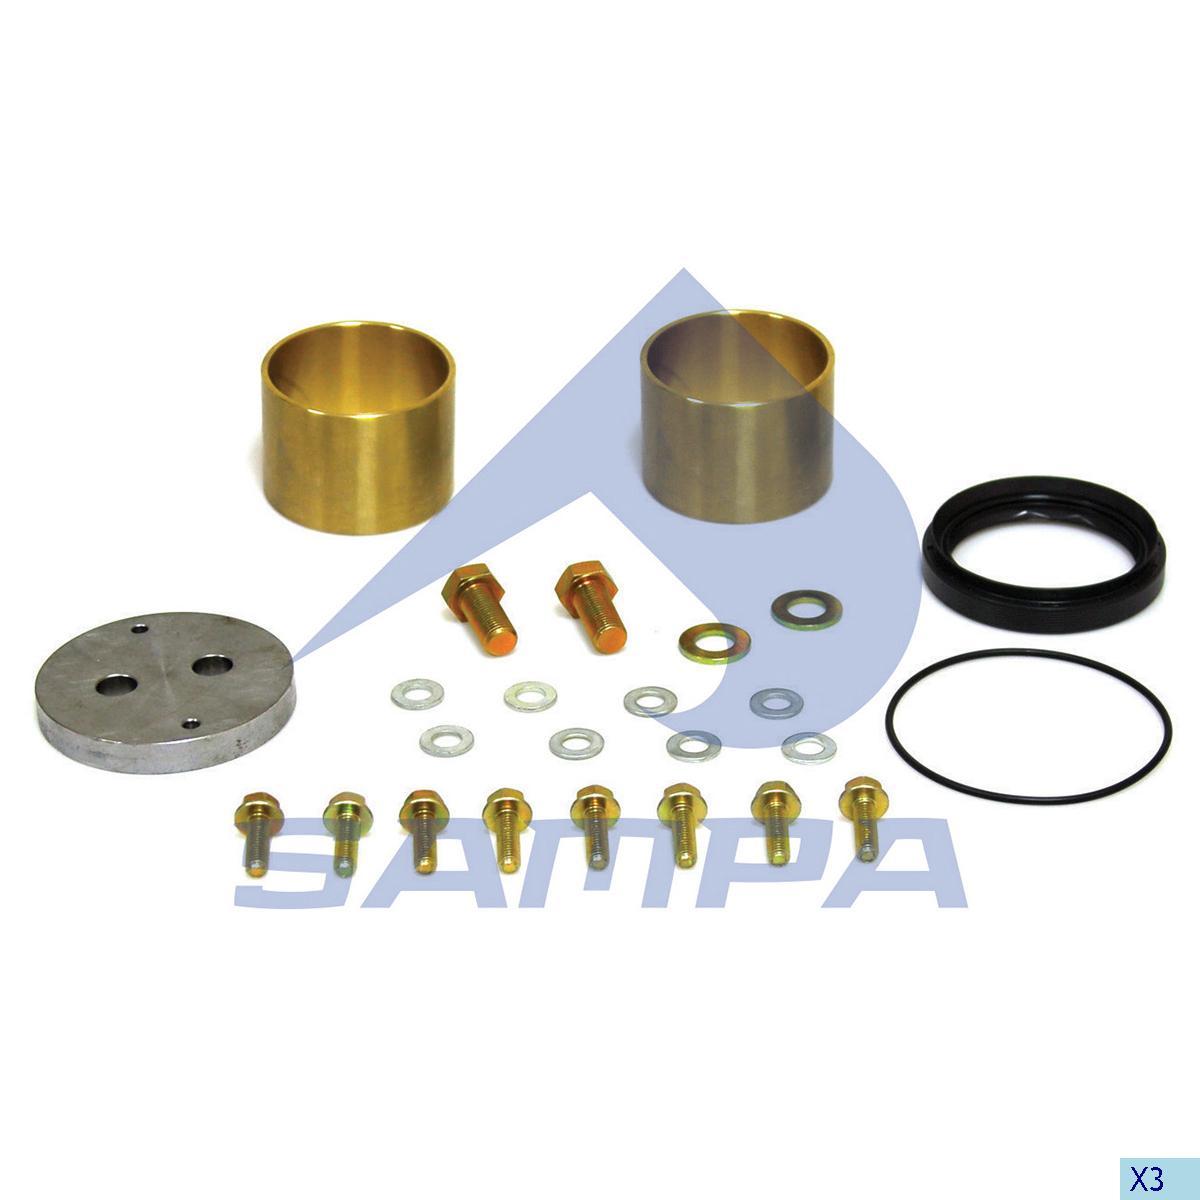 Repair Kit, Bogie Suspension, Daf, Suspension